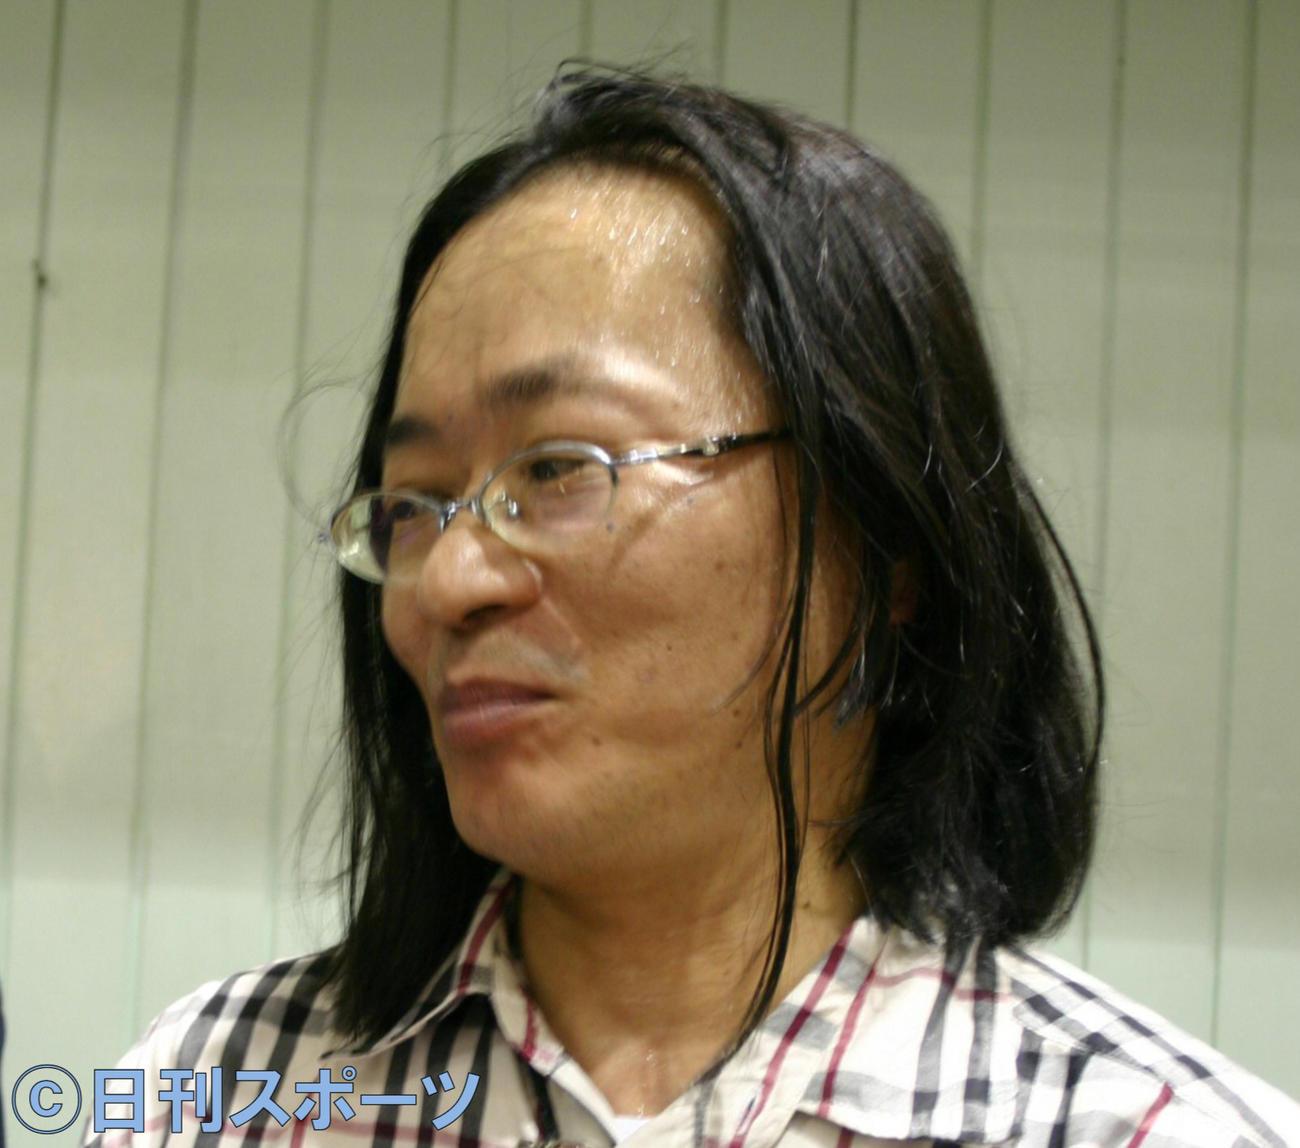 宅八郎氏(2007年04月22日撮影)